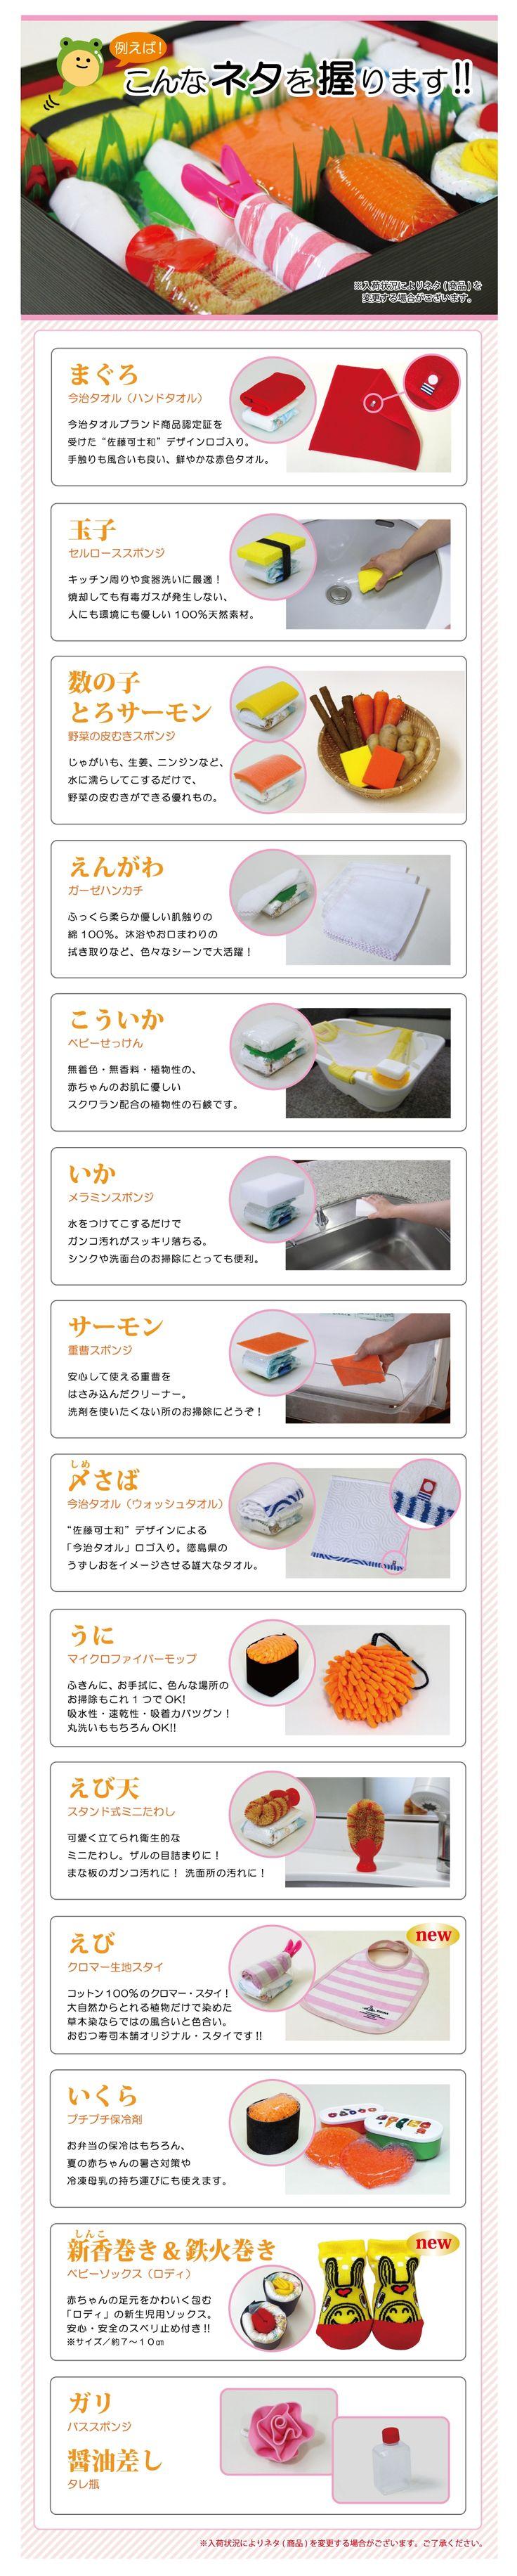 おむつ寿司、新しい出産祝い用品、日本の出産祝い、ニッポンの御祝い、めでたい、おむつ寿司の専門店 おむつ寿司本舗